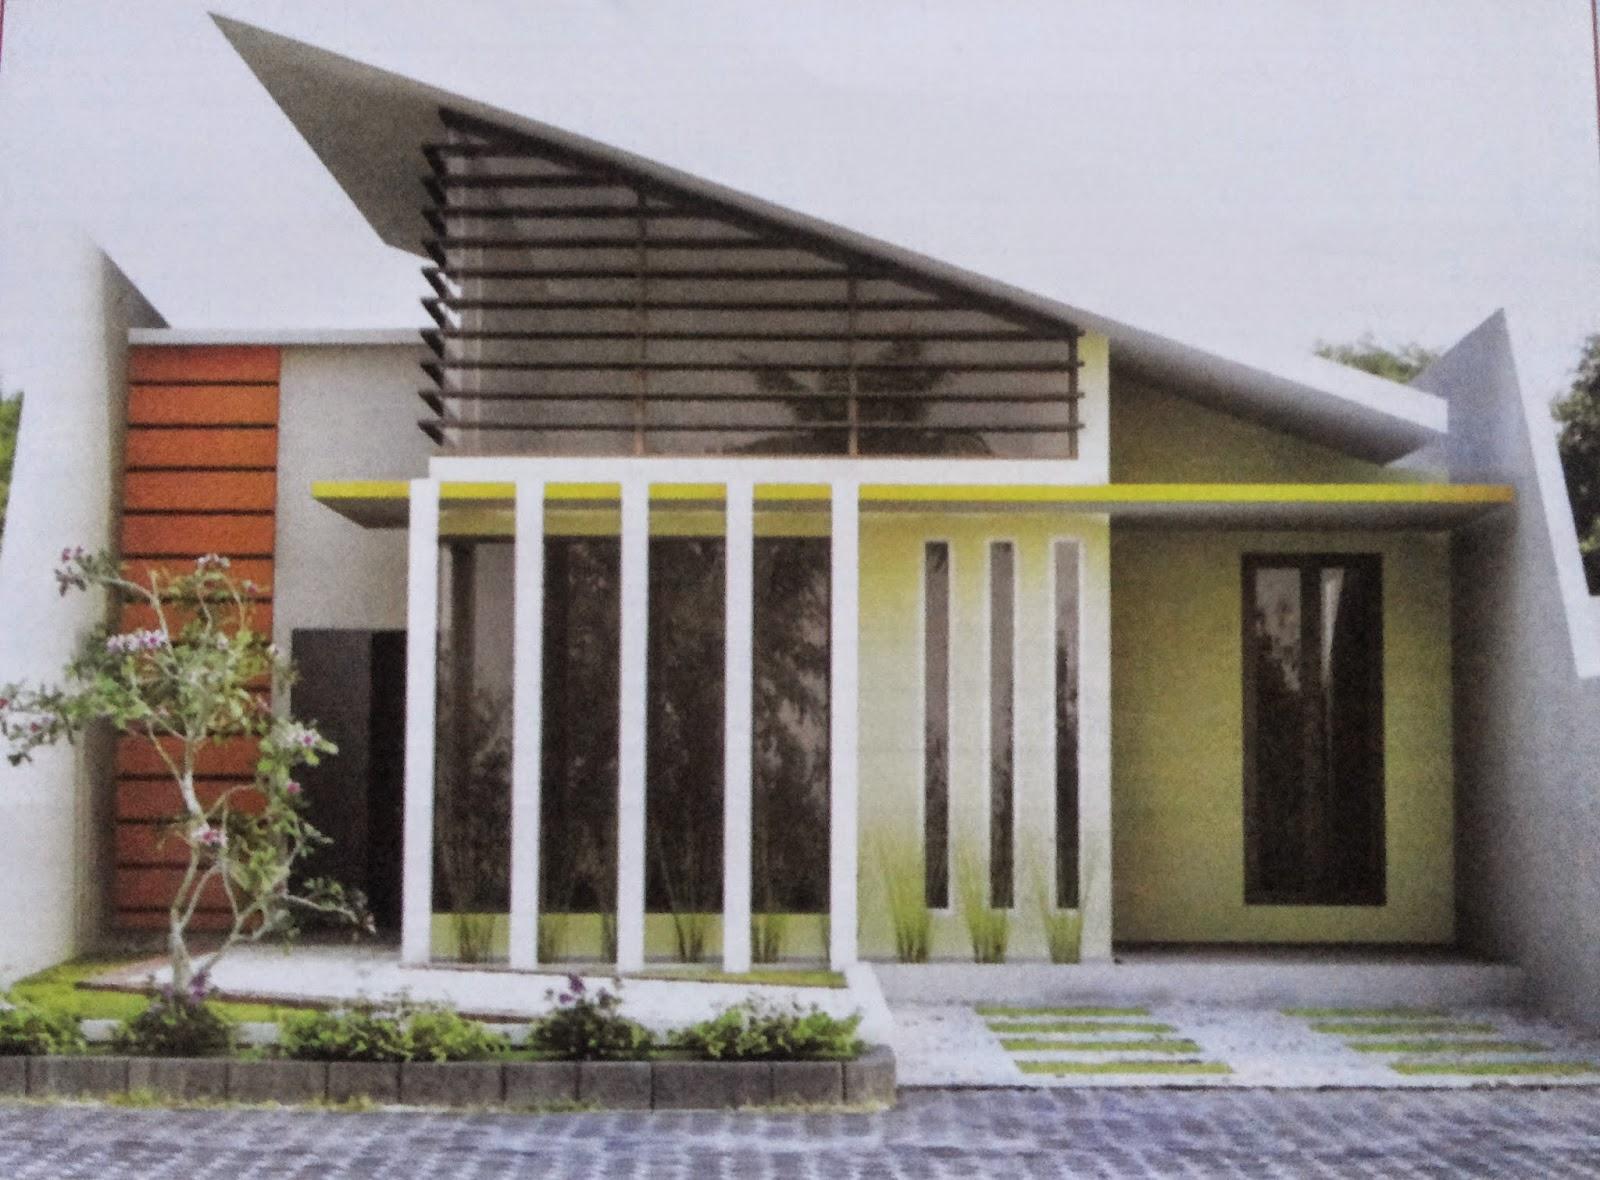 63 Desain Rumah Minimalis Atap Miring Desain Rumah Minimalis Terbaru